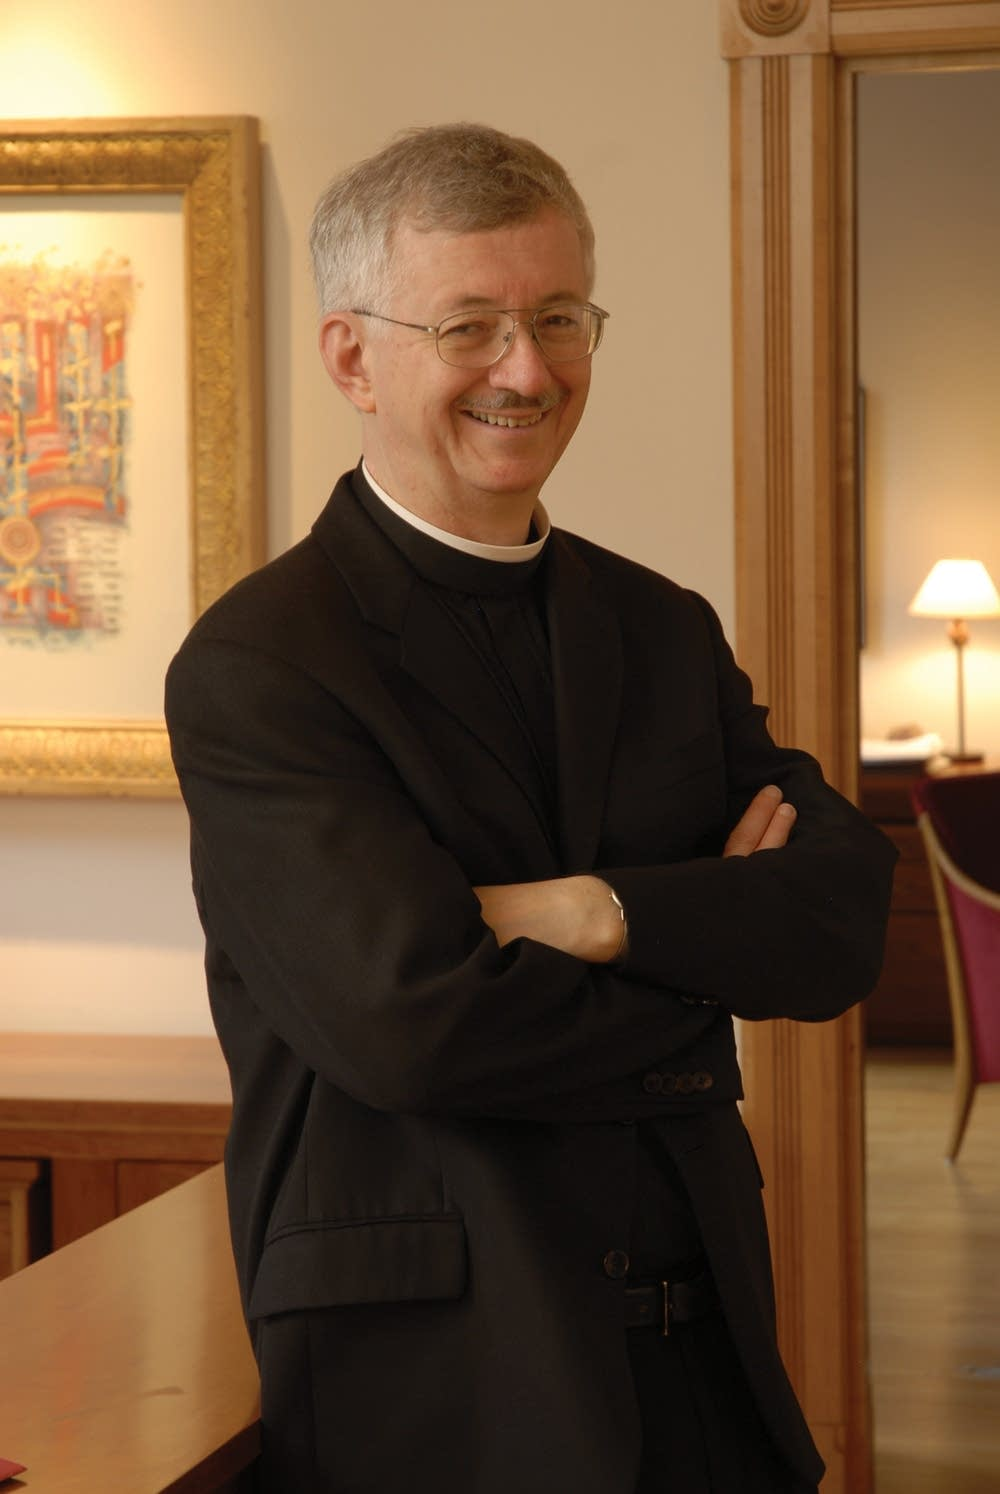 Dietrich Reinhart